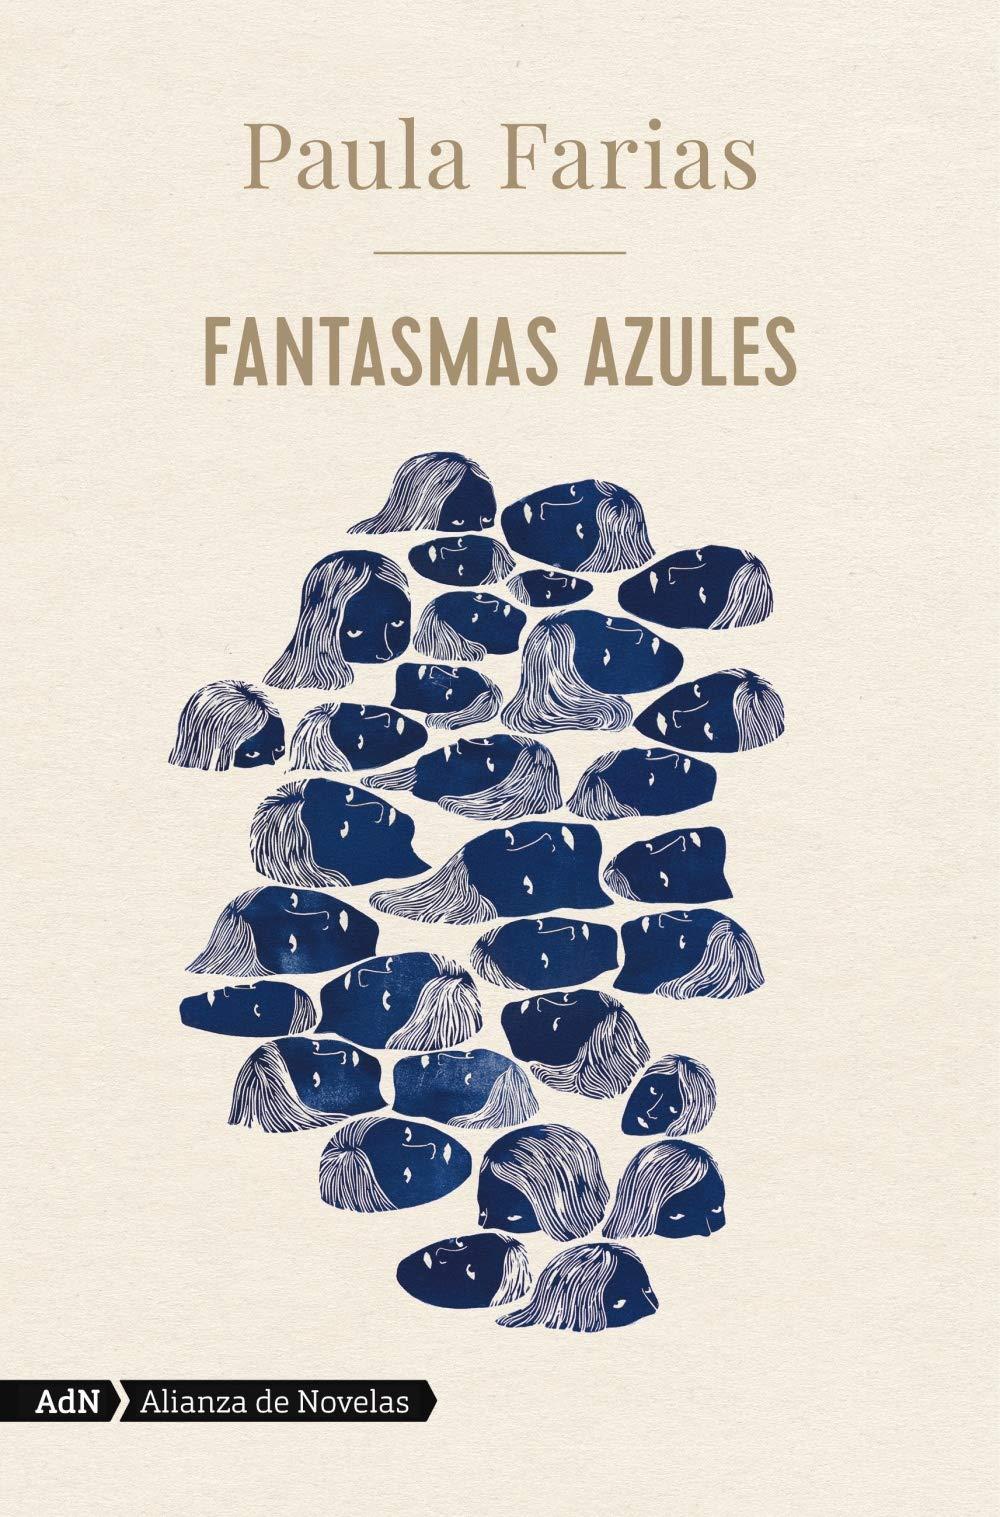 Fantasmas azules, de Paula Farías - Libros para el Día del Libro